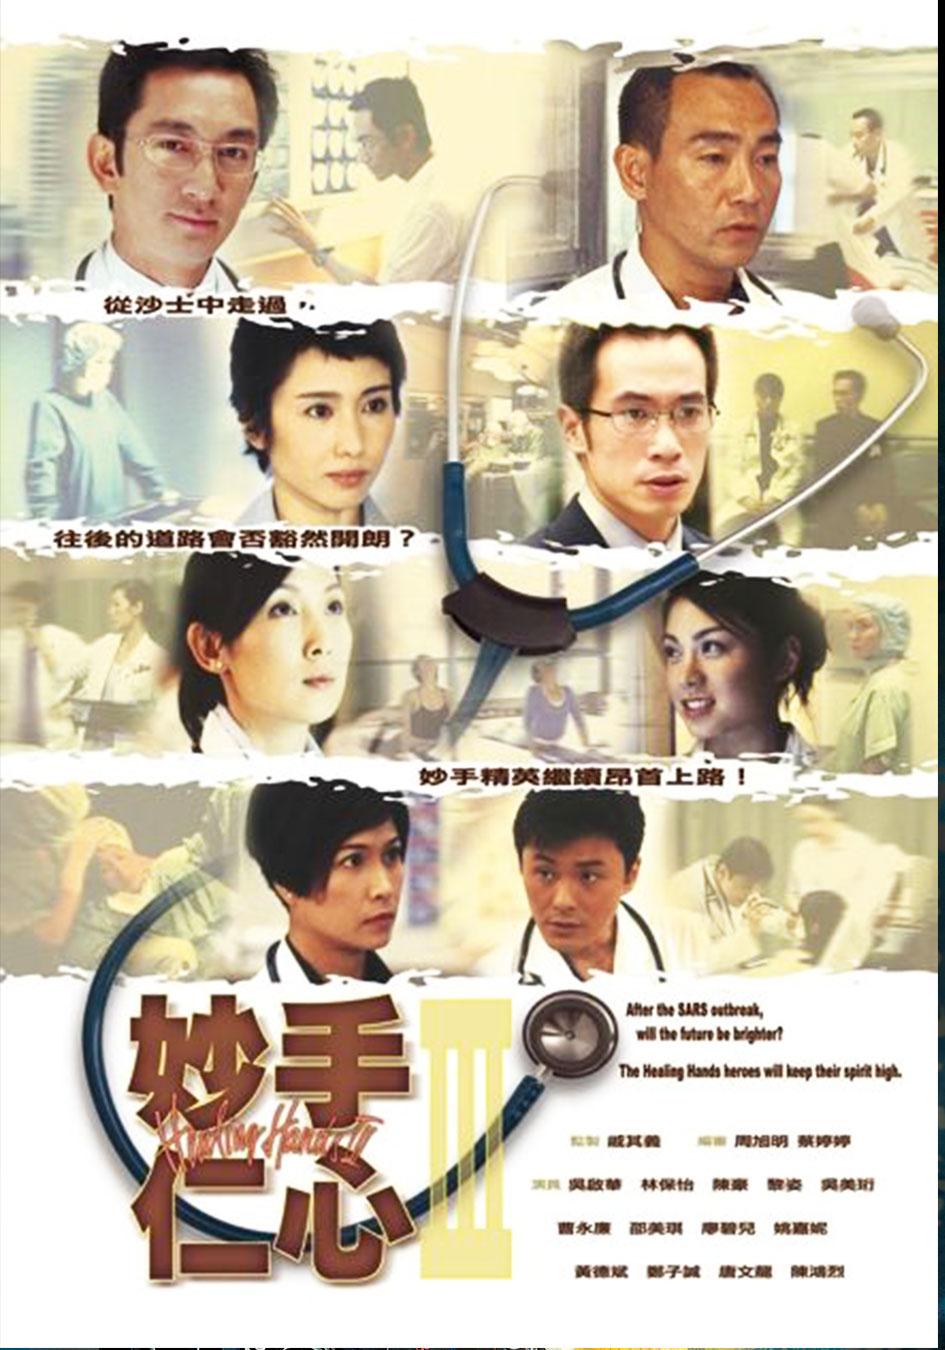 妙手仁心III-Healing Hands III